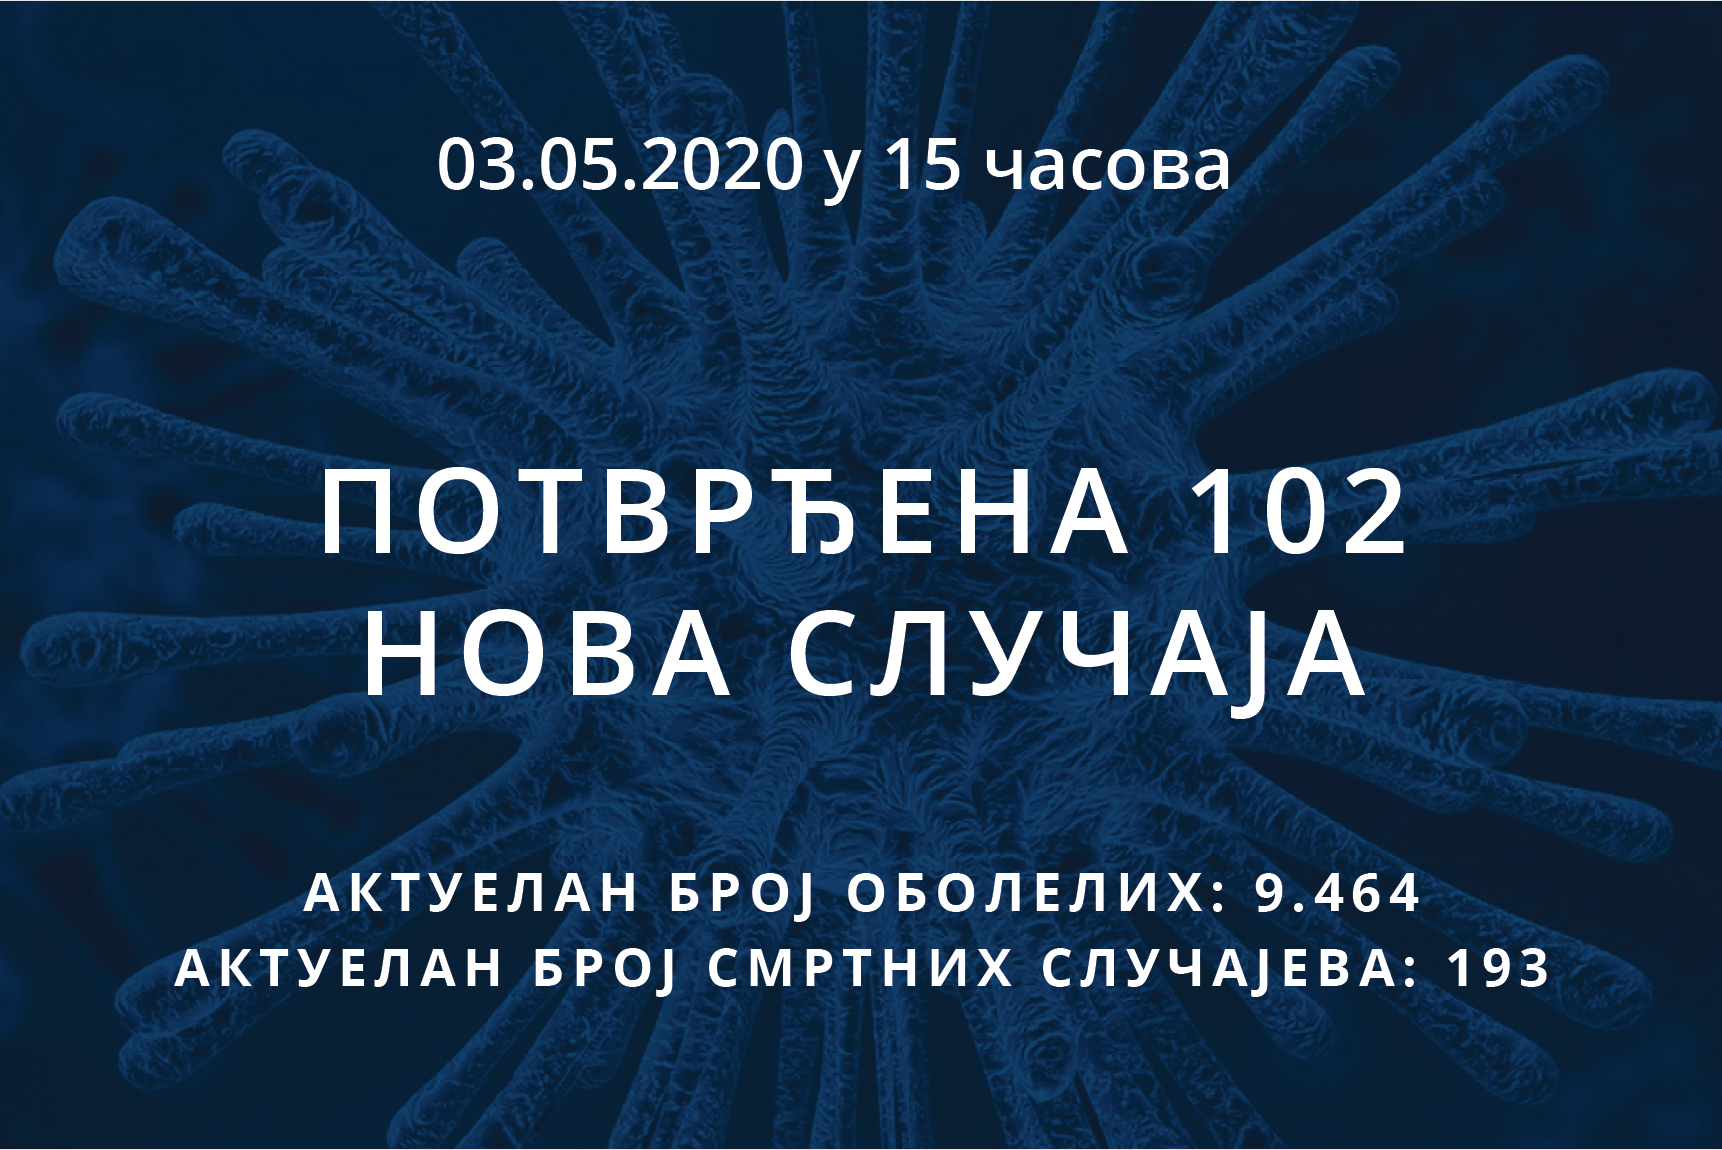 Информације о корона вирусу COVID-19, 03.05.2020 у 15 часова